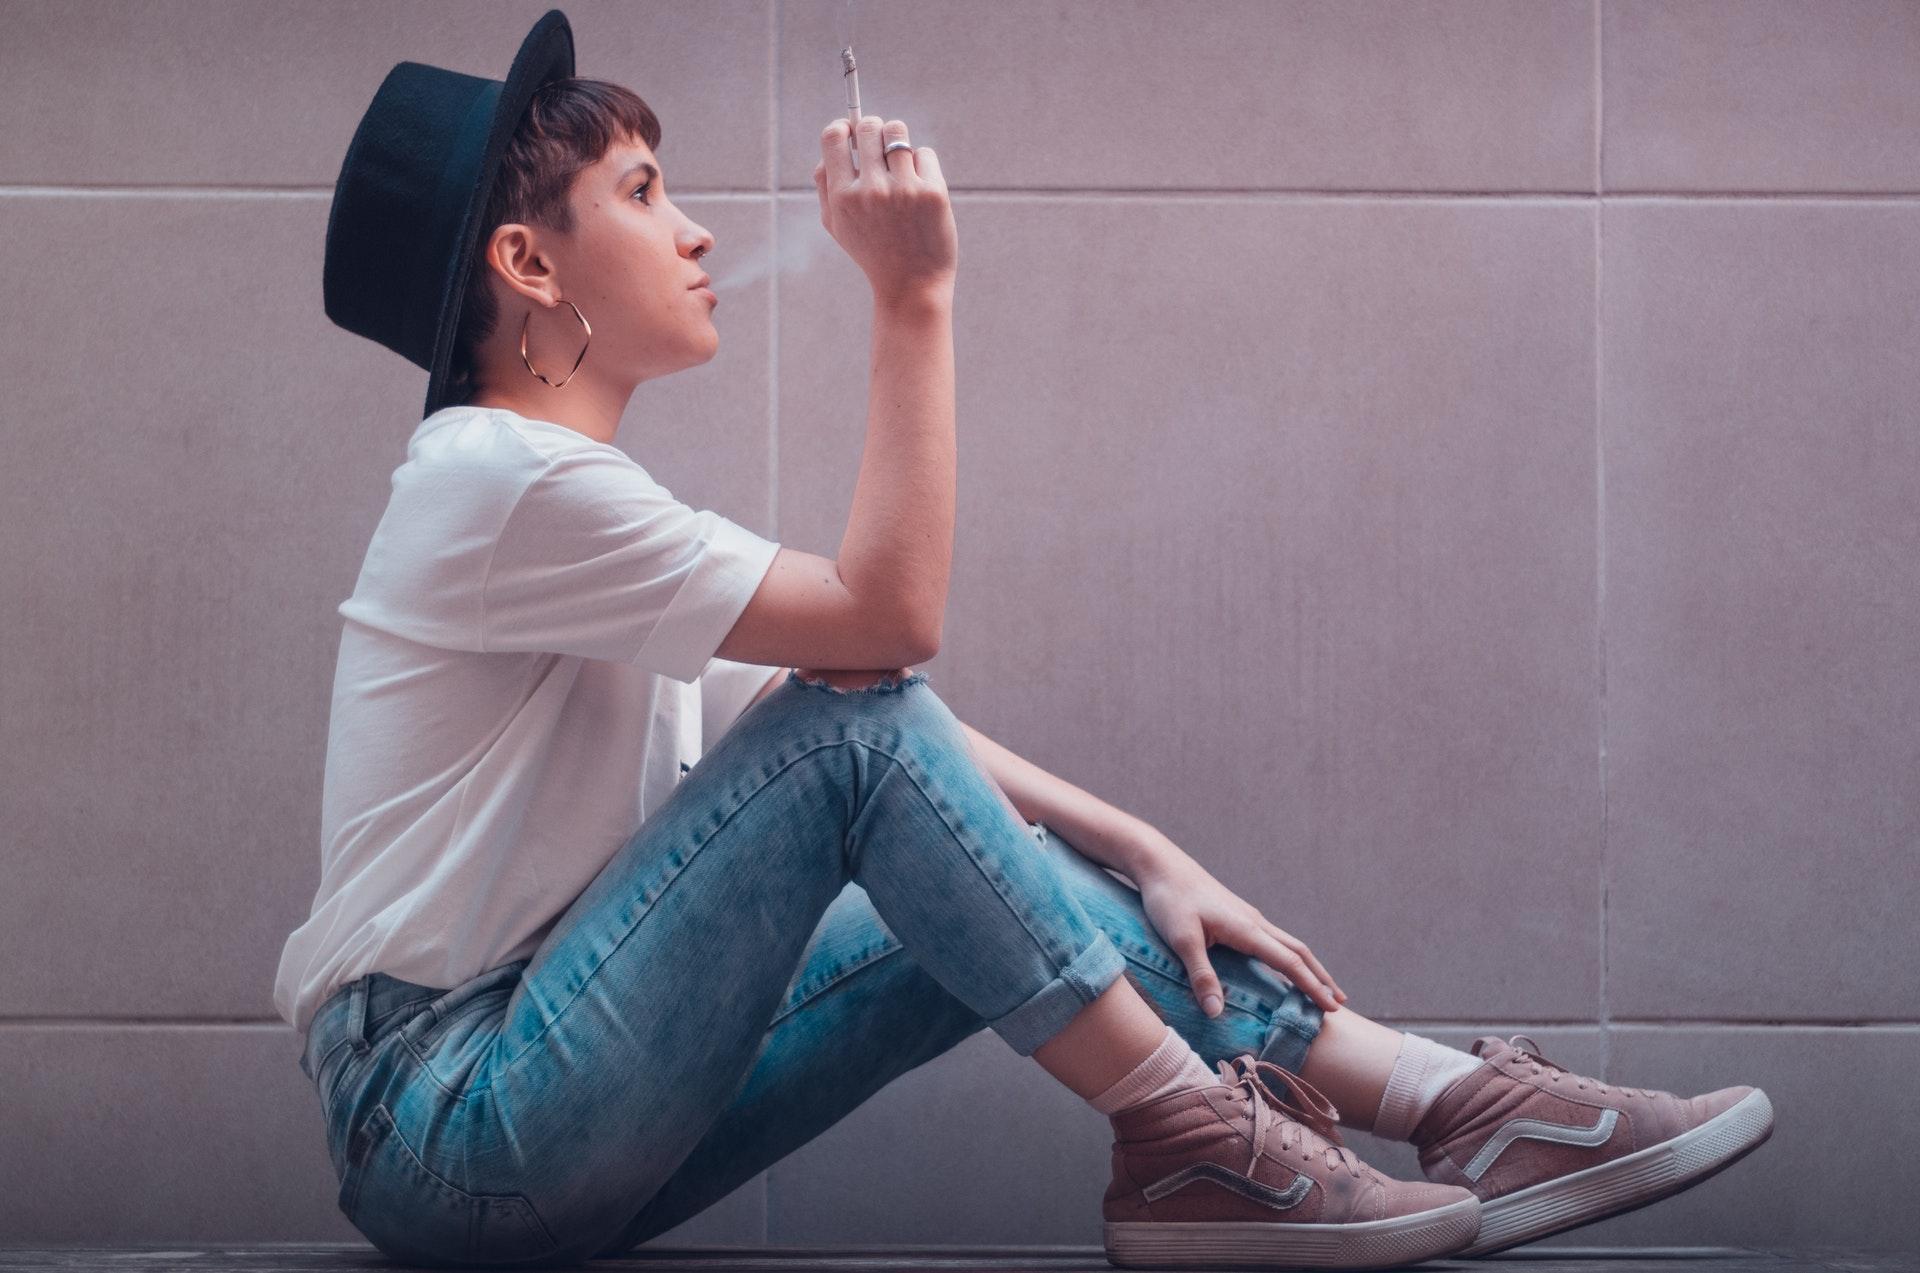 Jak rzucić palenie i schudnąć? - Na pytanie odpowiada mgr Justyna Piątkowska | Mangosteen